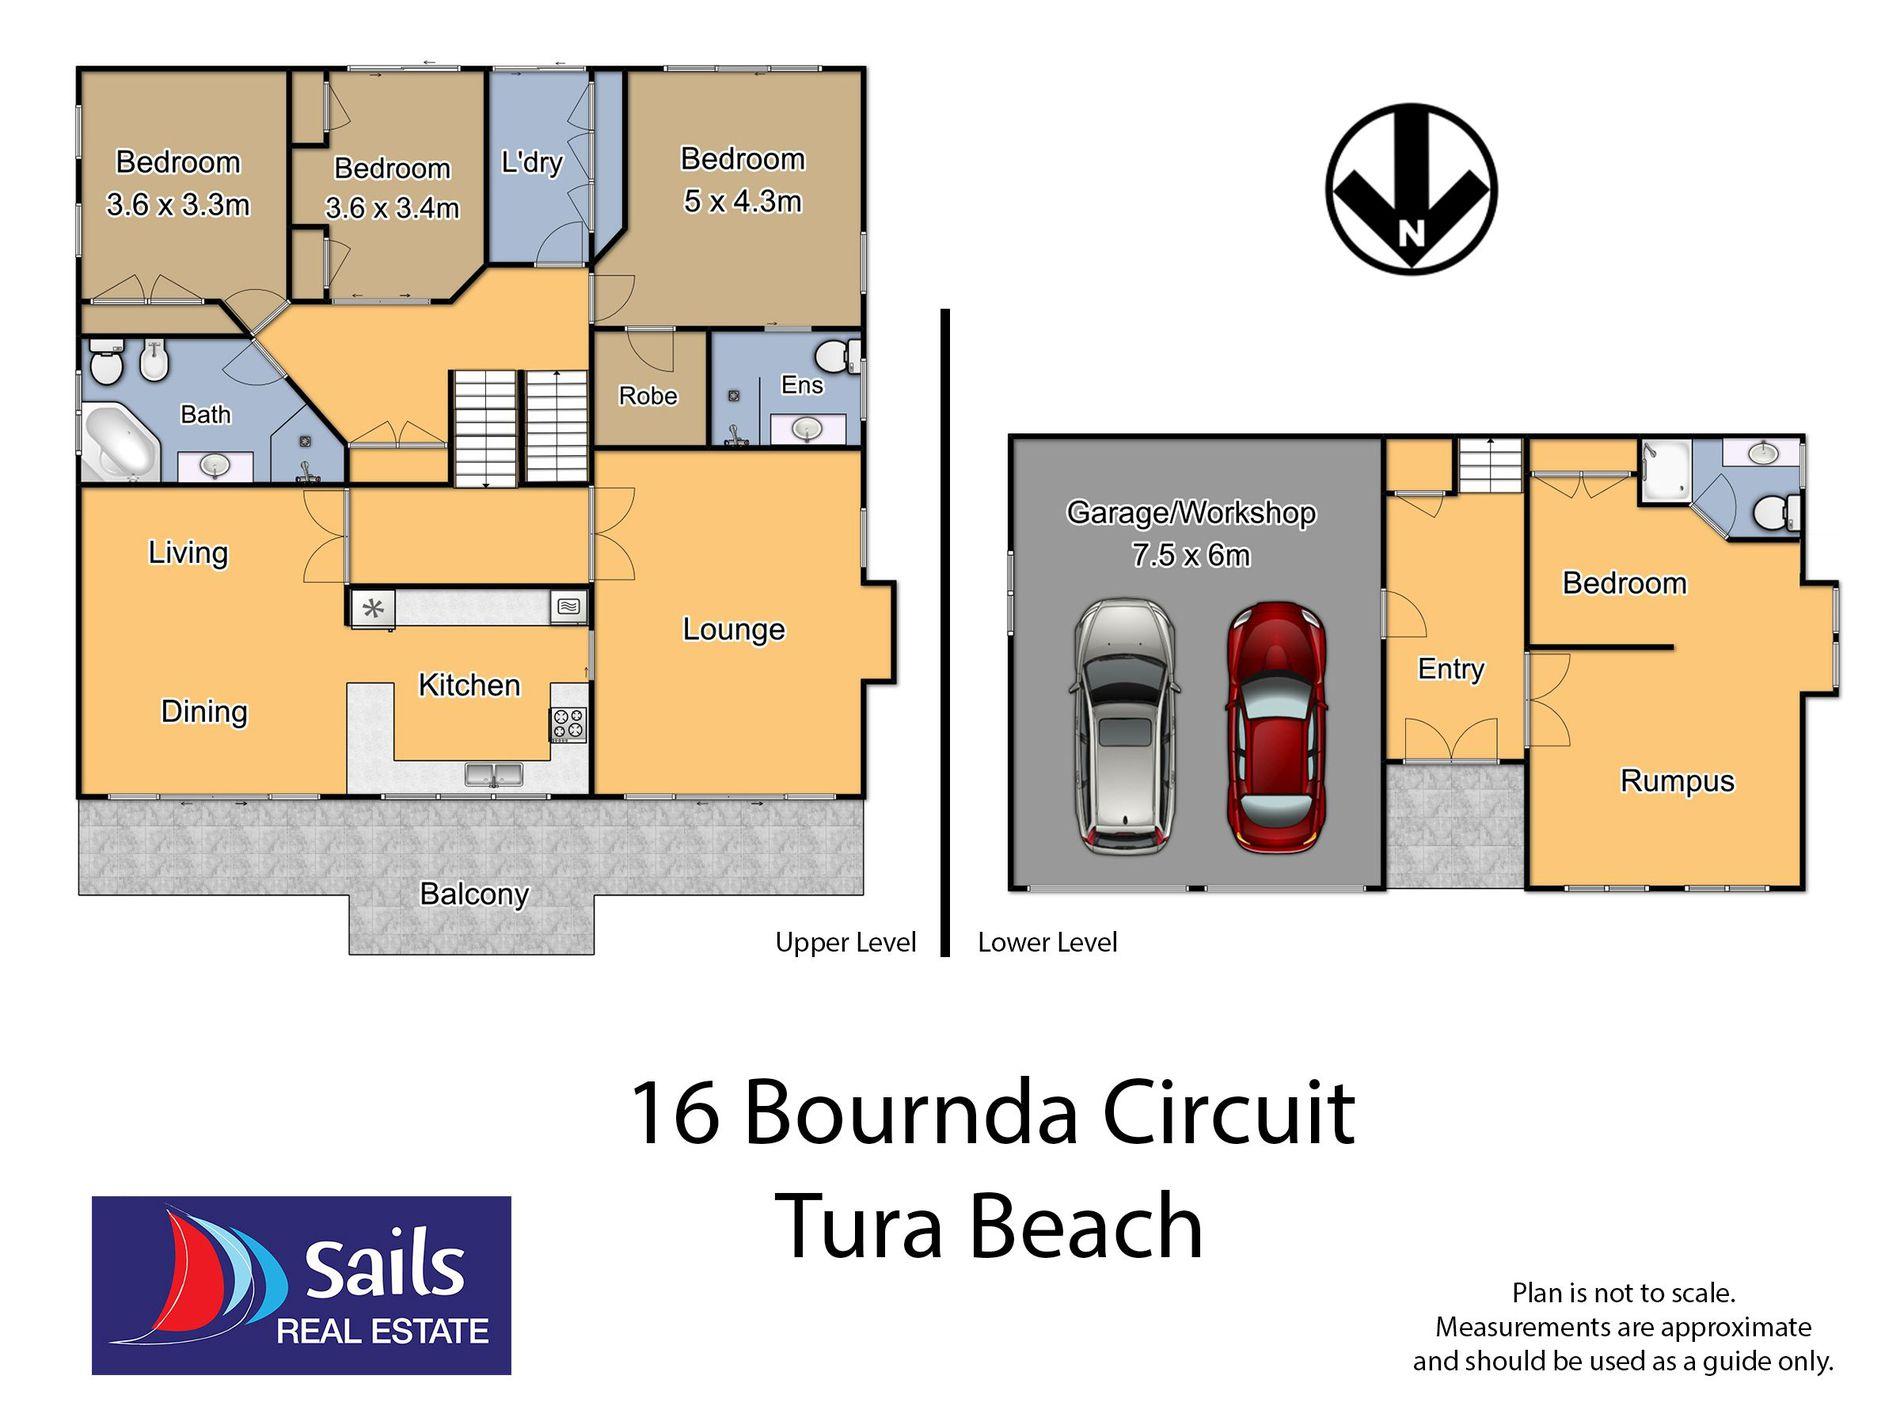 16 Bournda Circuit, Tura Beach